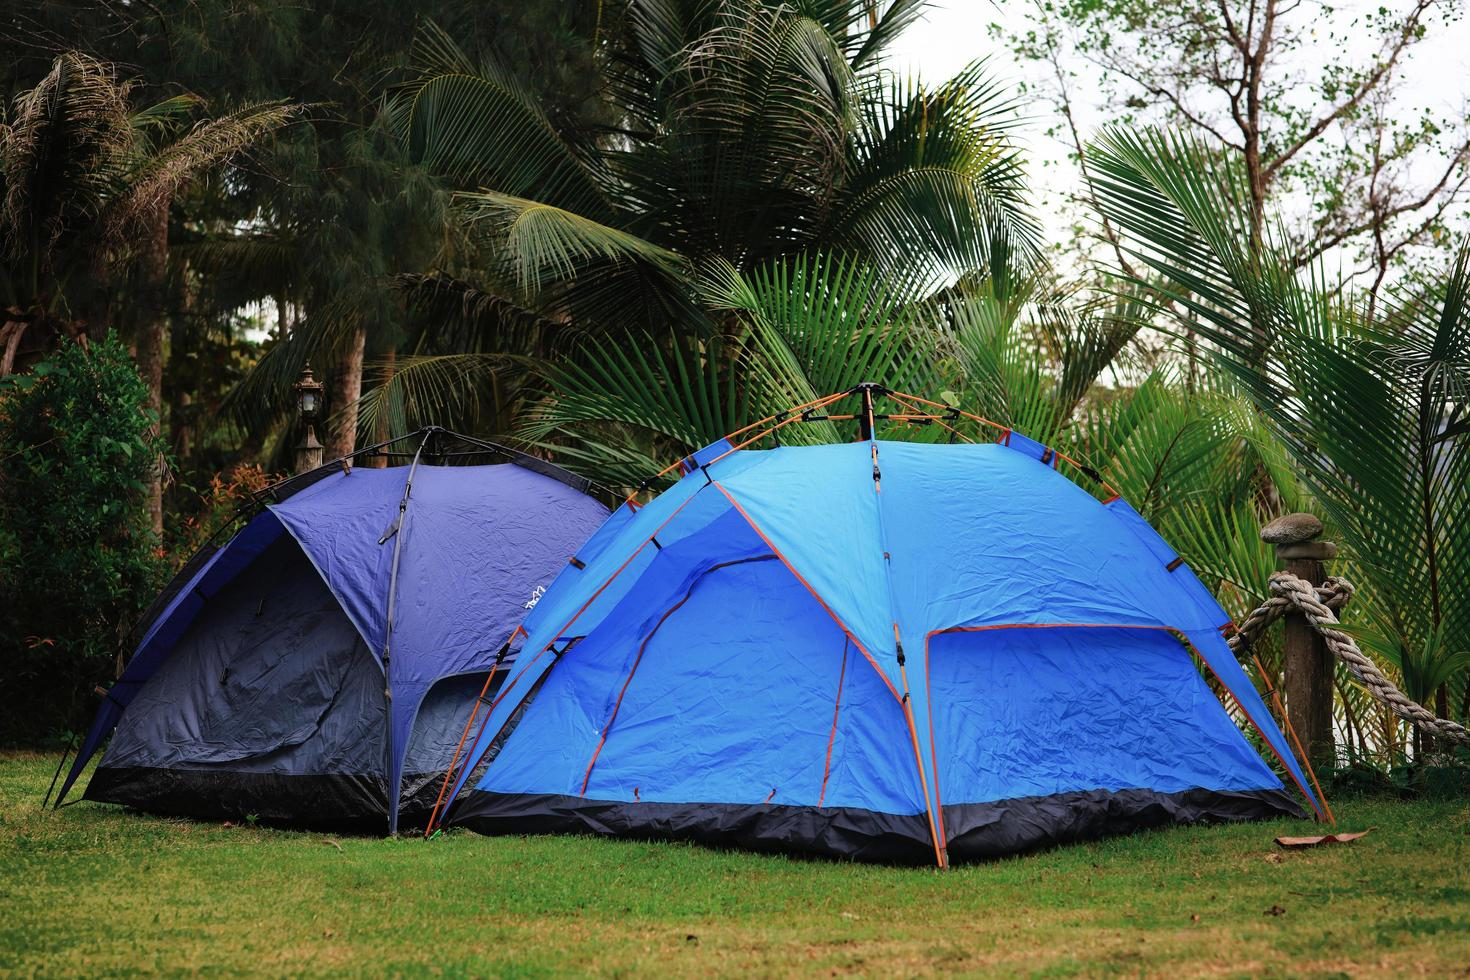 Cerca de tiendas de campaña acampando en un patio verde foto